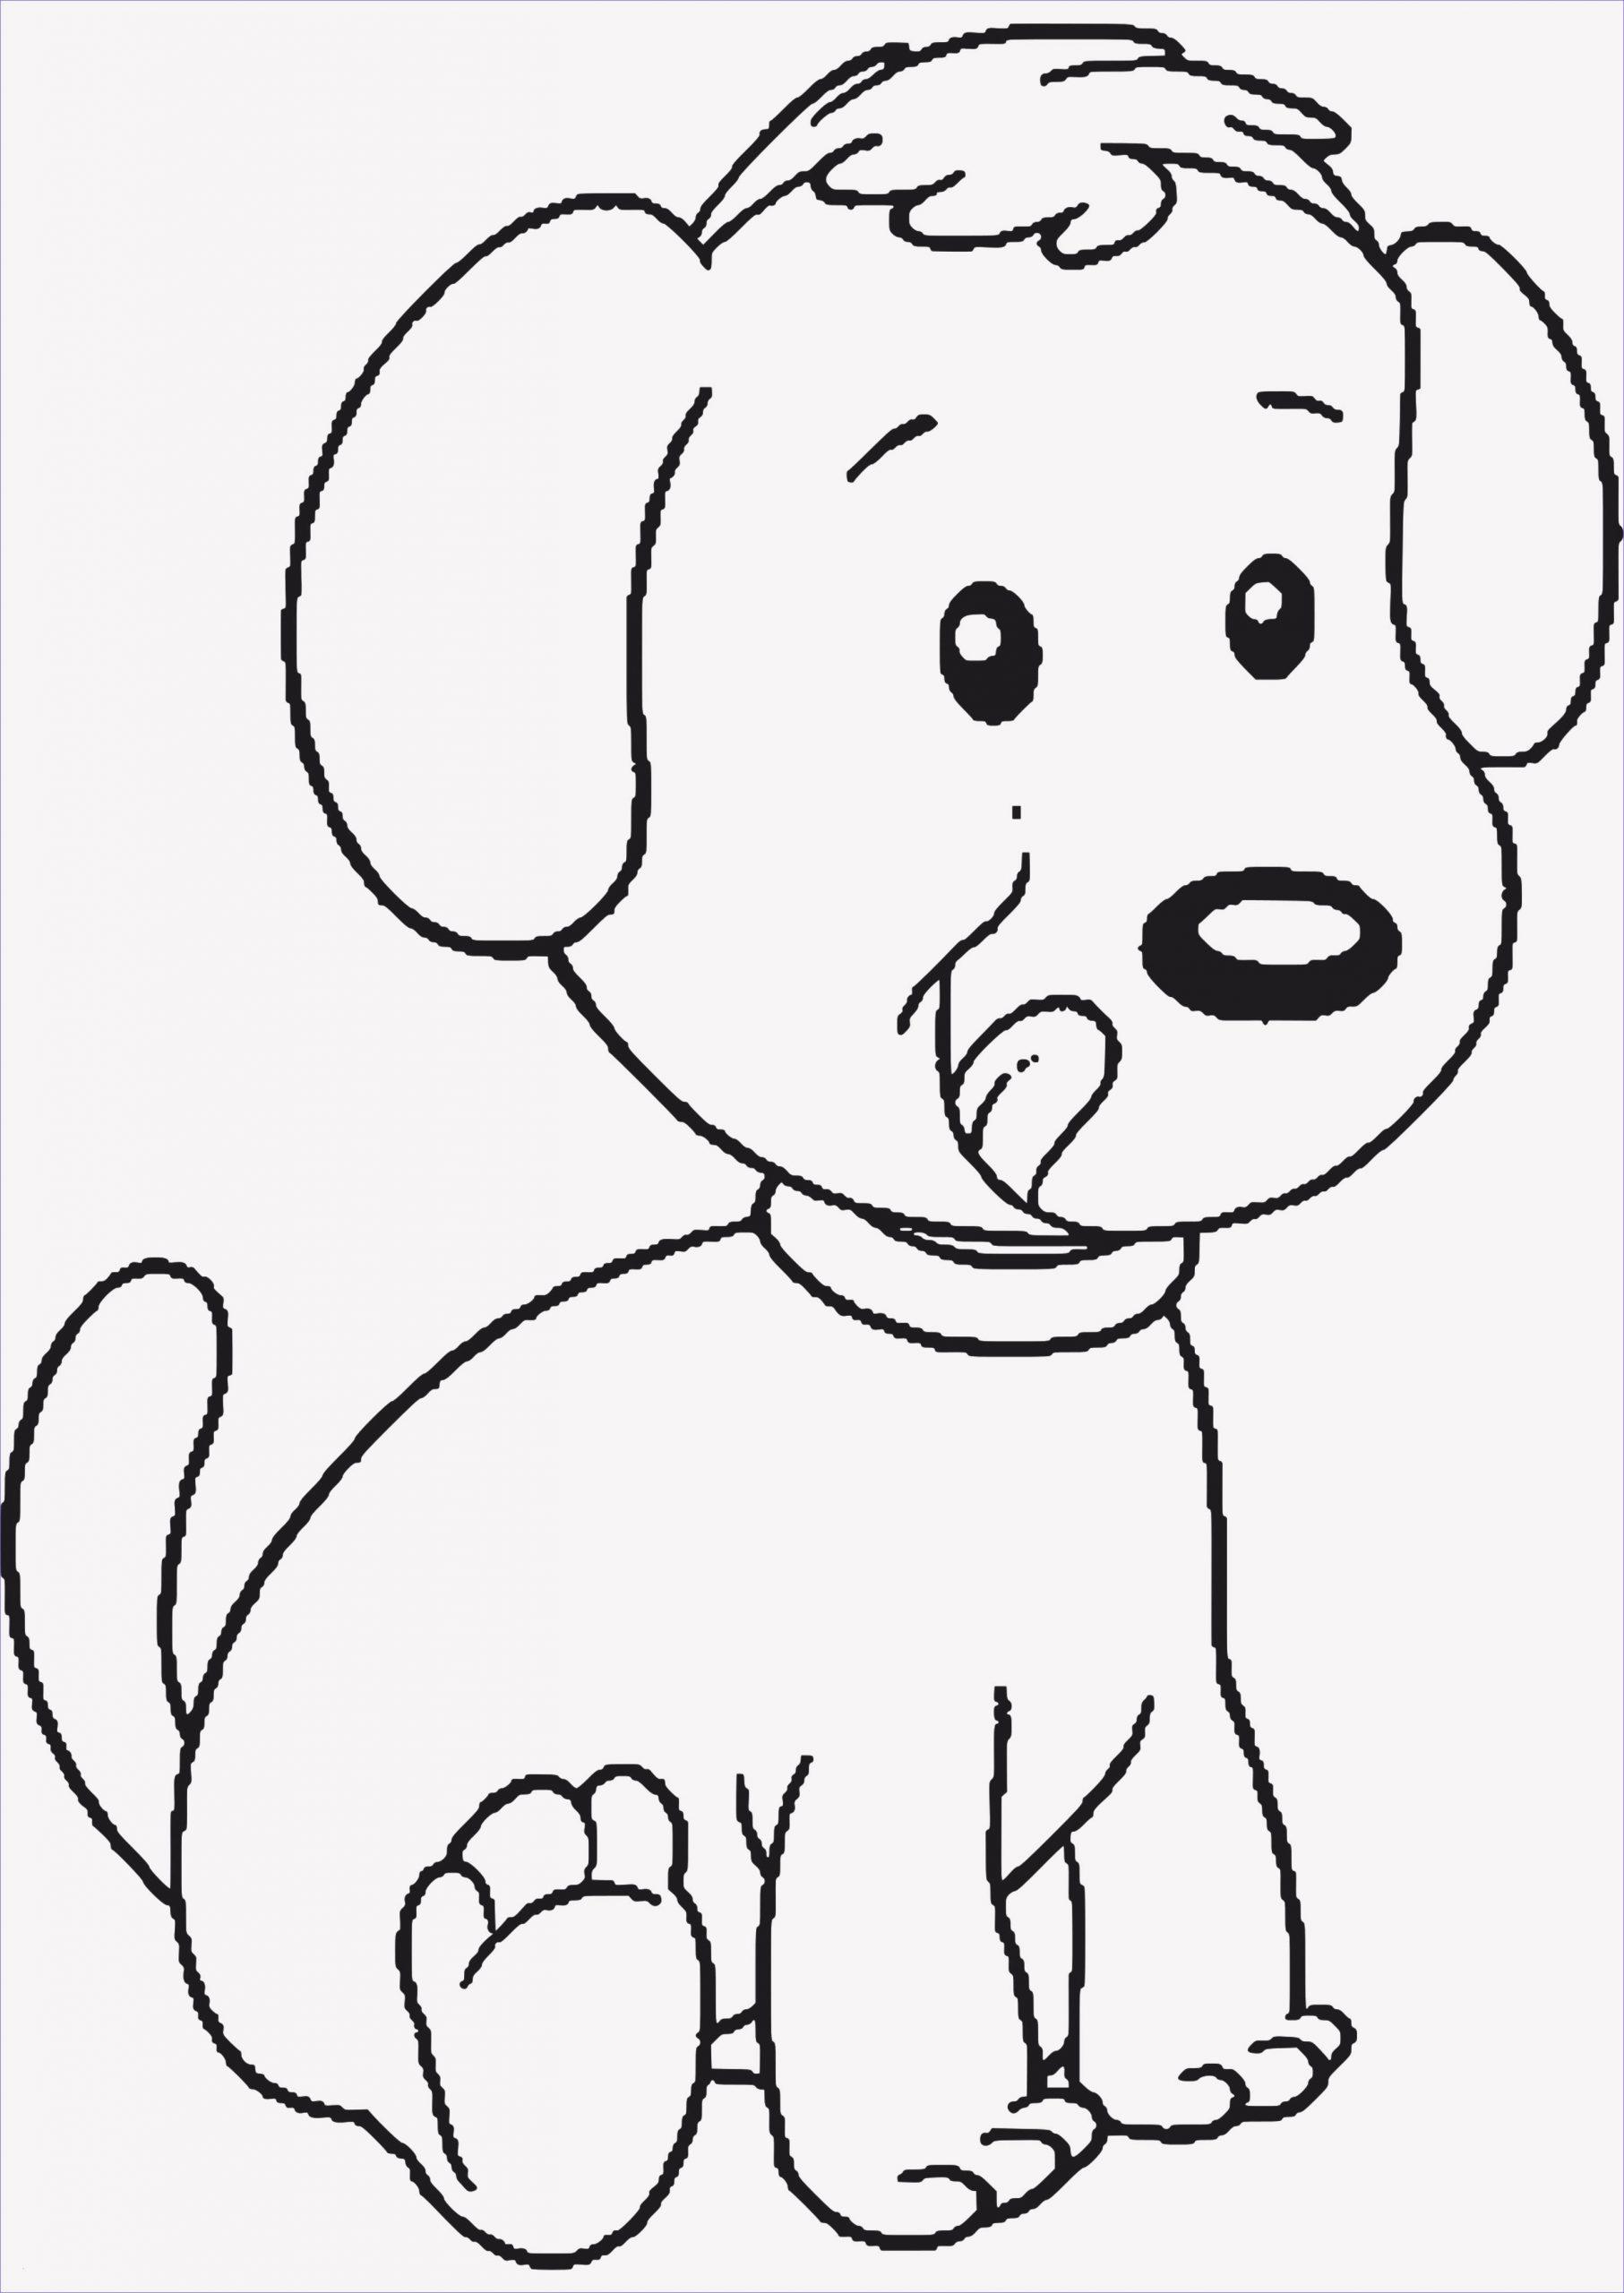 Tierbilder Vorlagen - Malvorlagen Für Kinder über Tierbilder Zum Ausdrucken Und Ausmalen